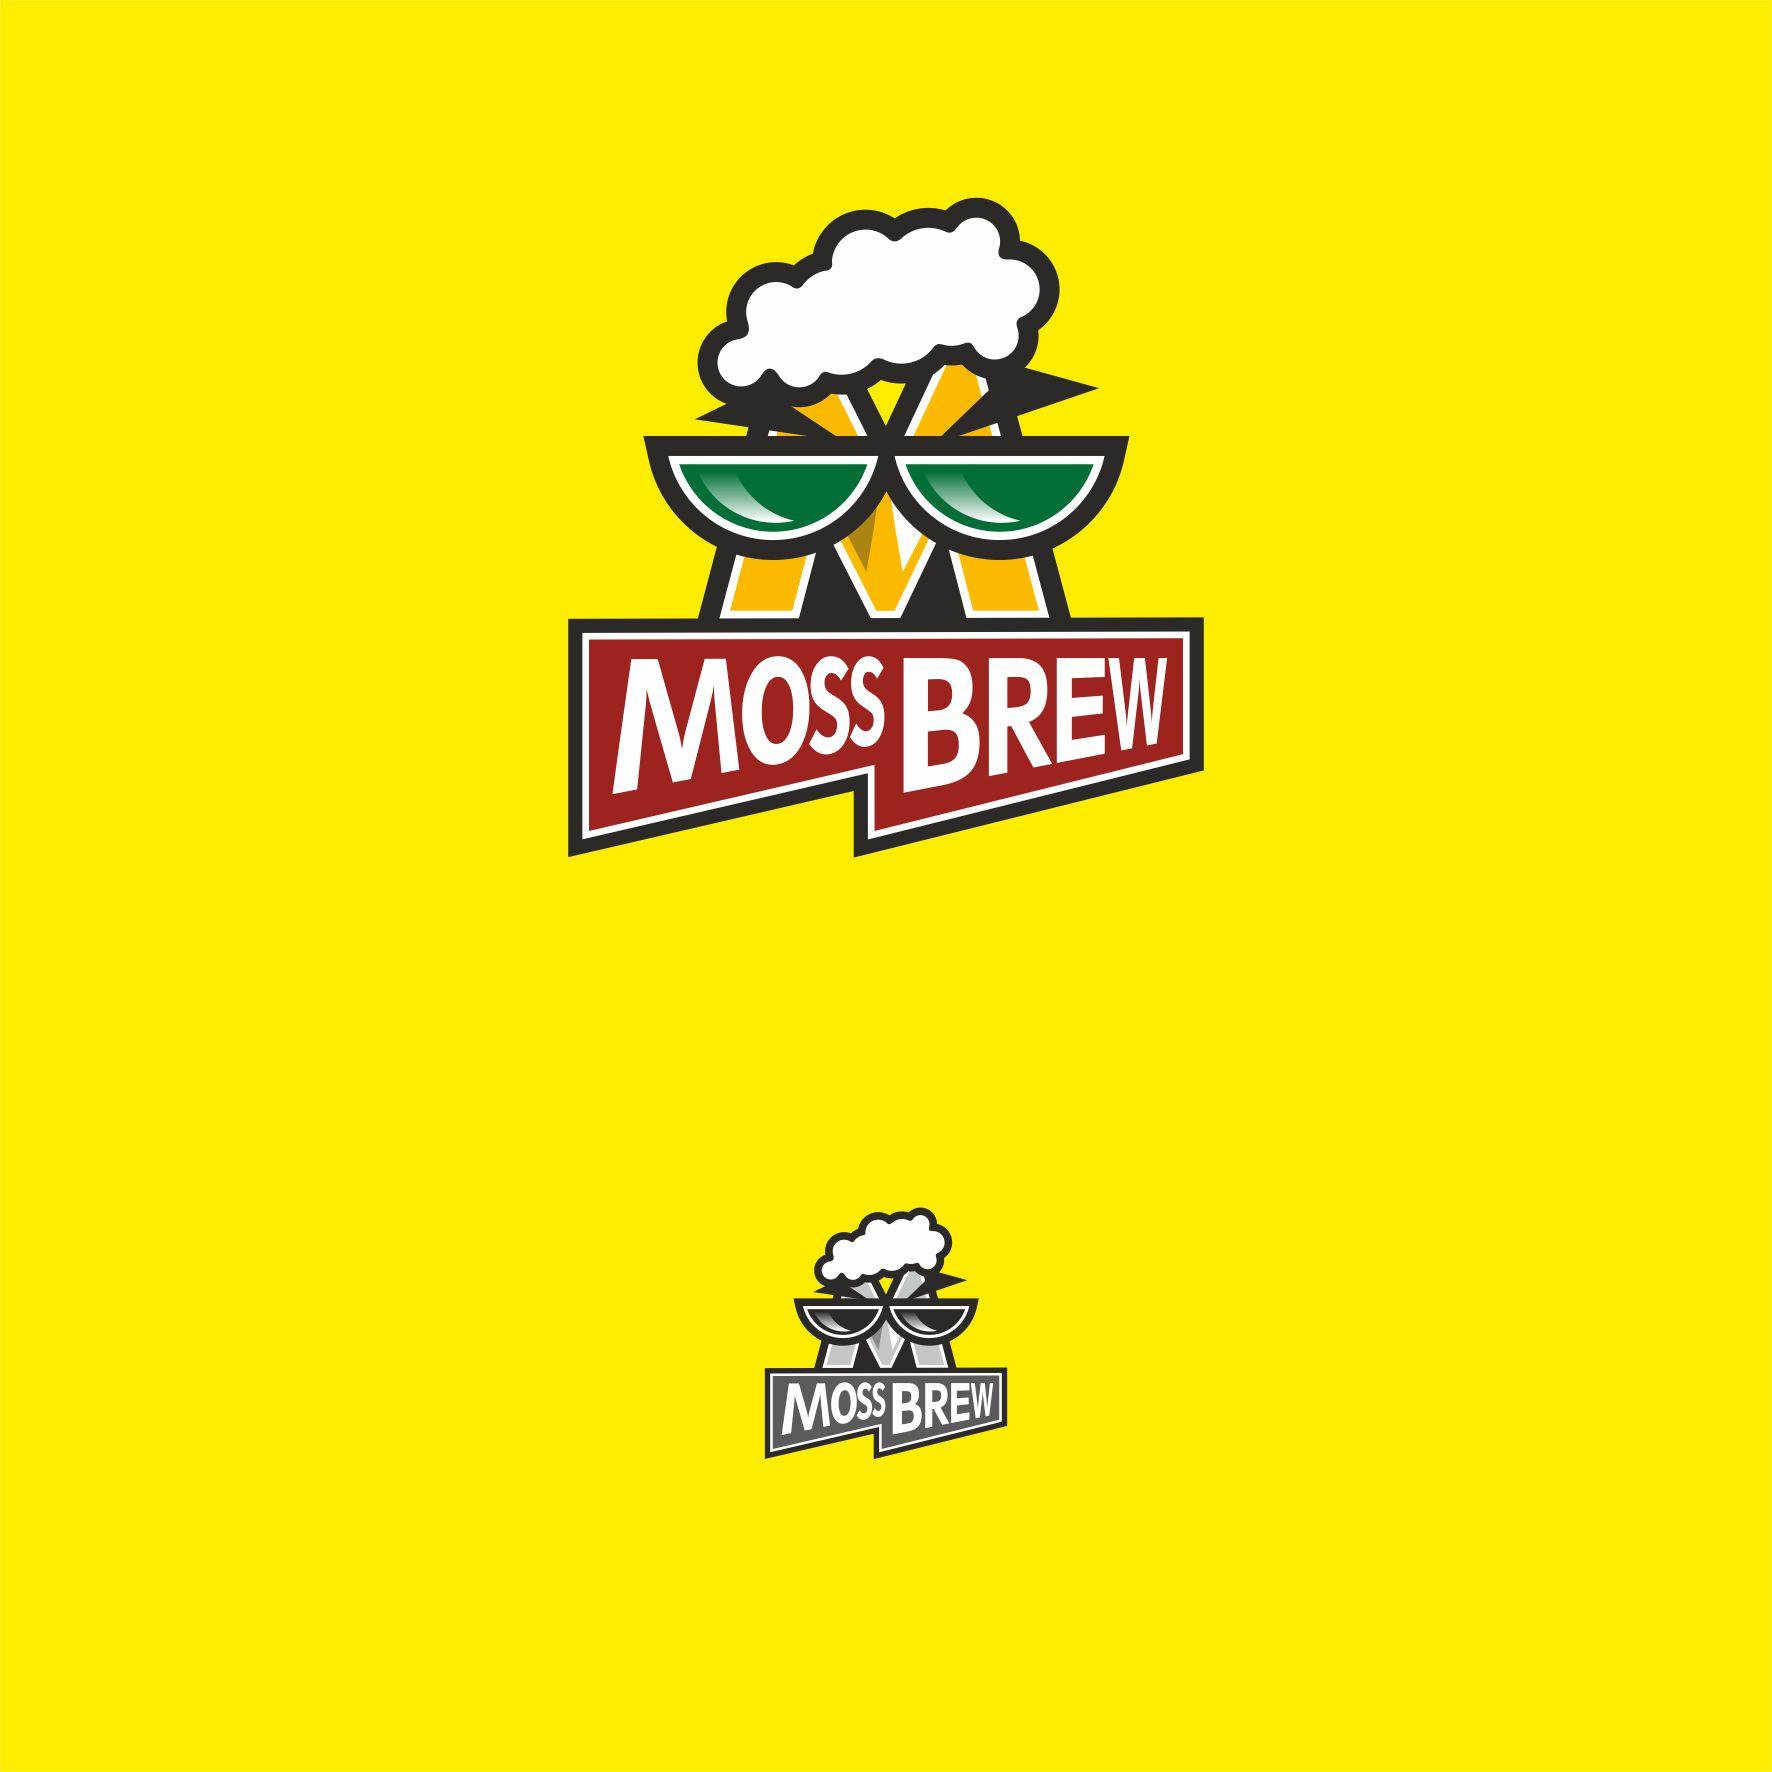 Логотип для пивоварни фото f_781598b7503c59fe.jpg